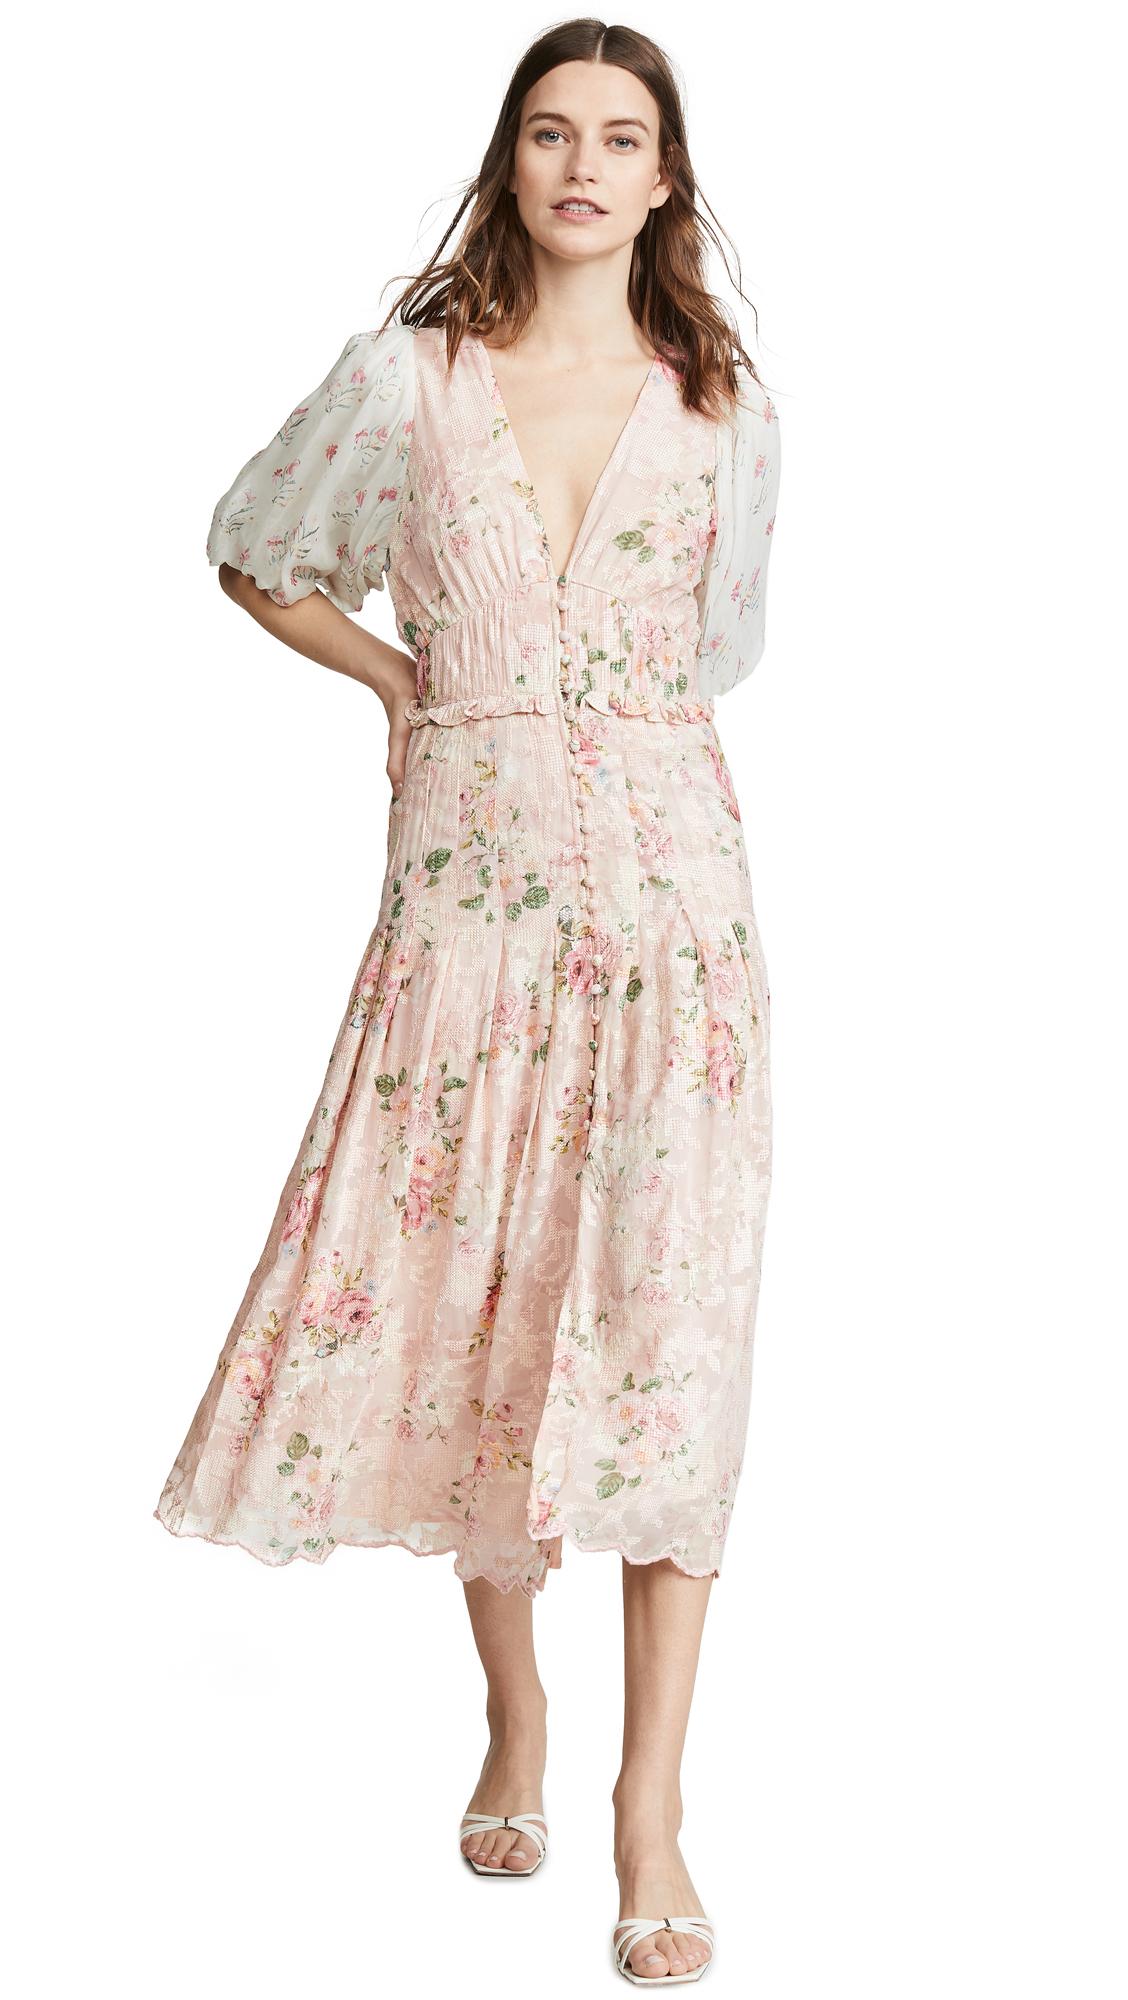 Hemant and Nandita Long Dress - Coral